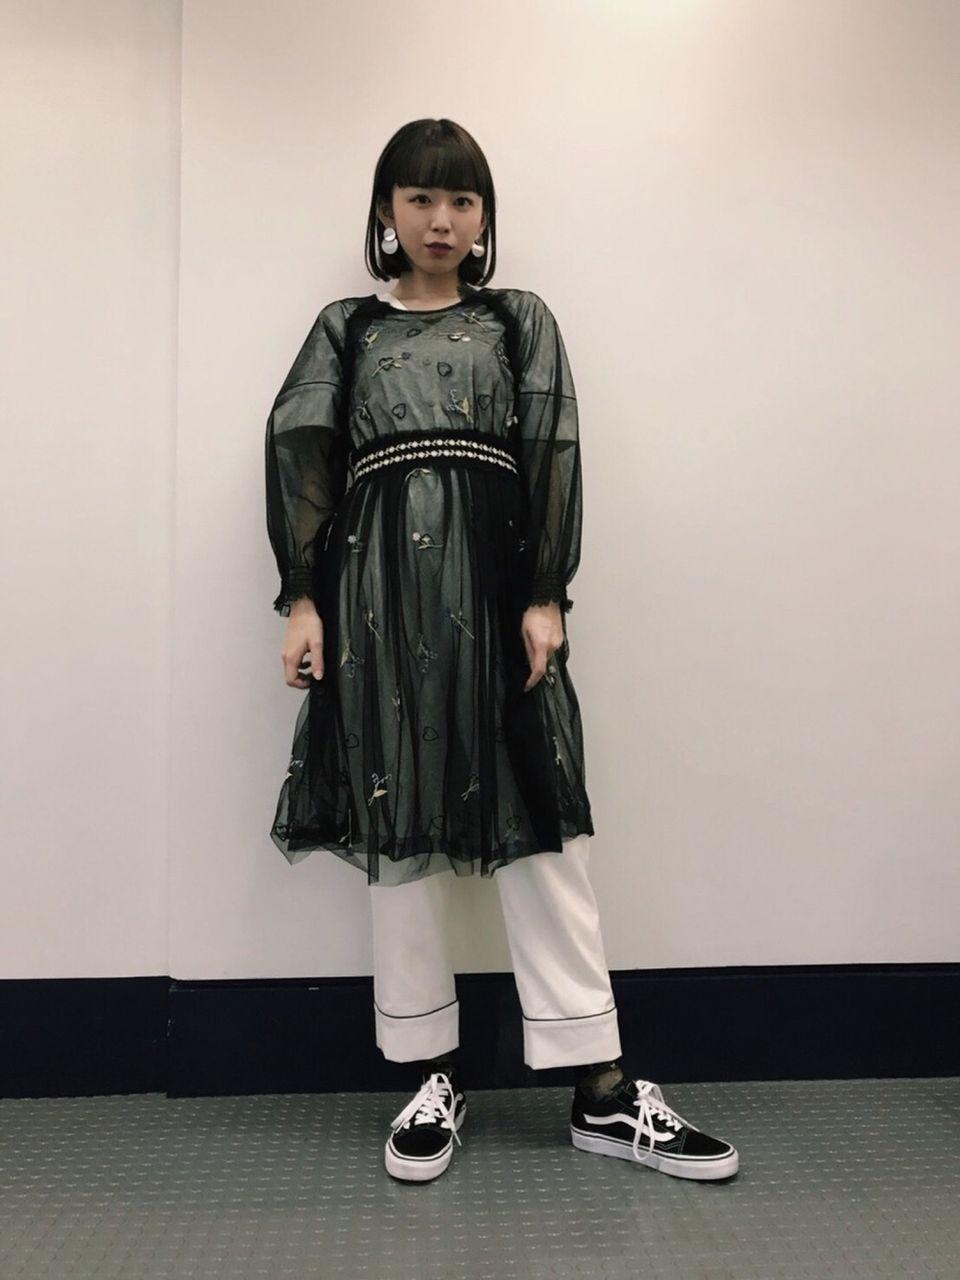 【エンタメ画像】【アンジュルム】勝田里奈さんwwwwwww